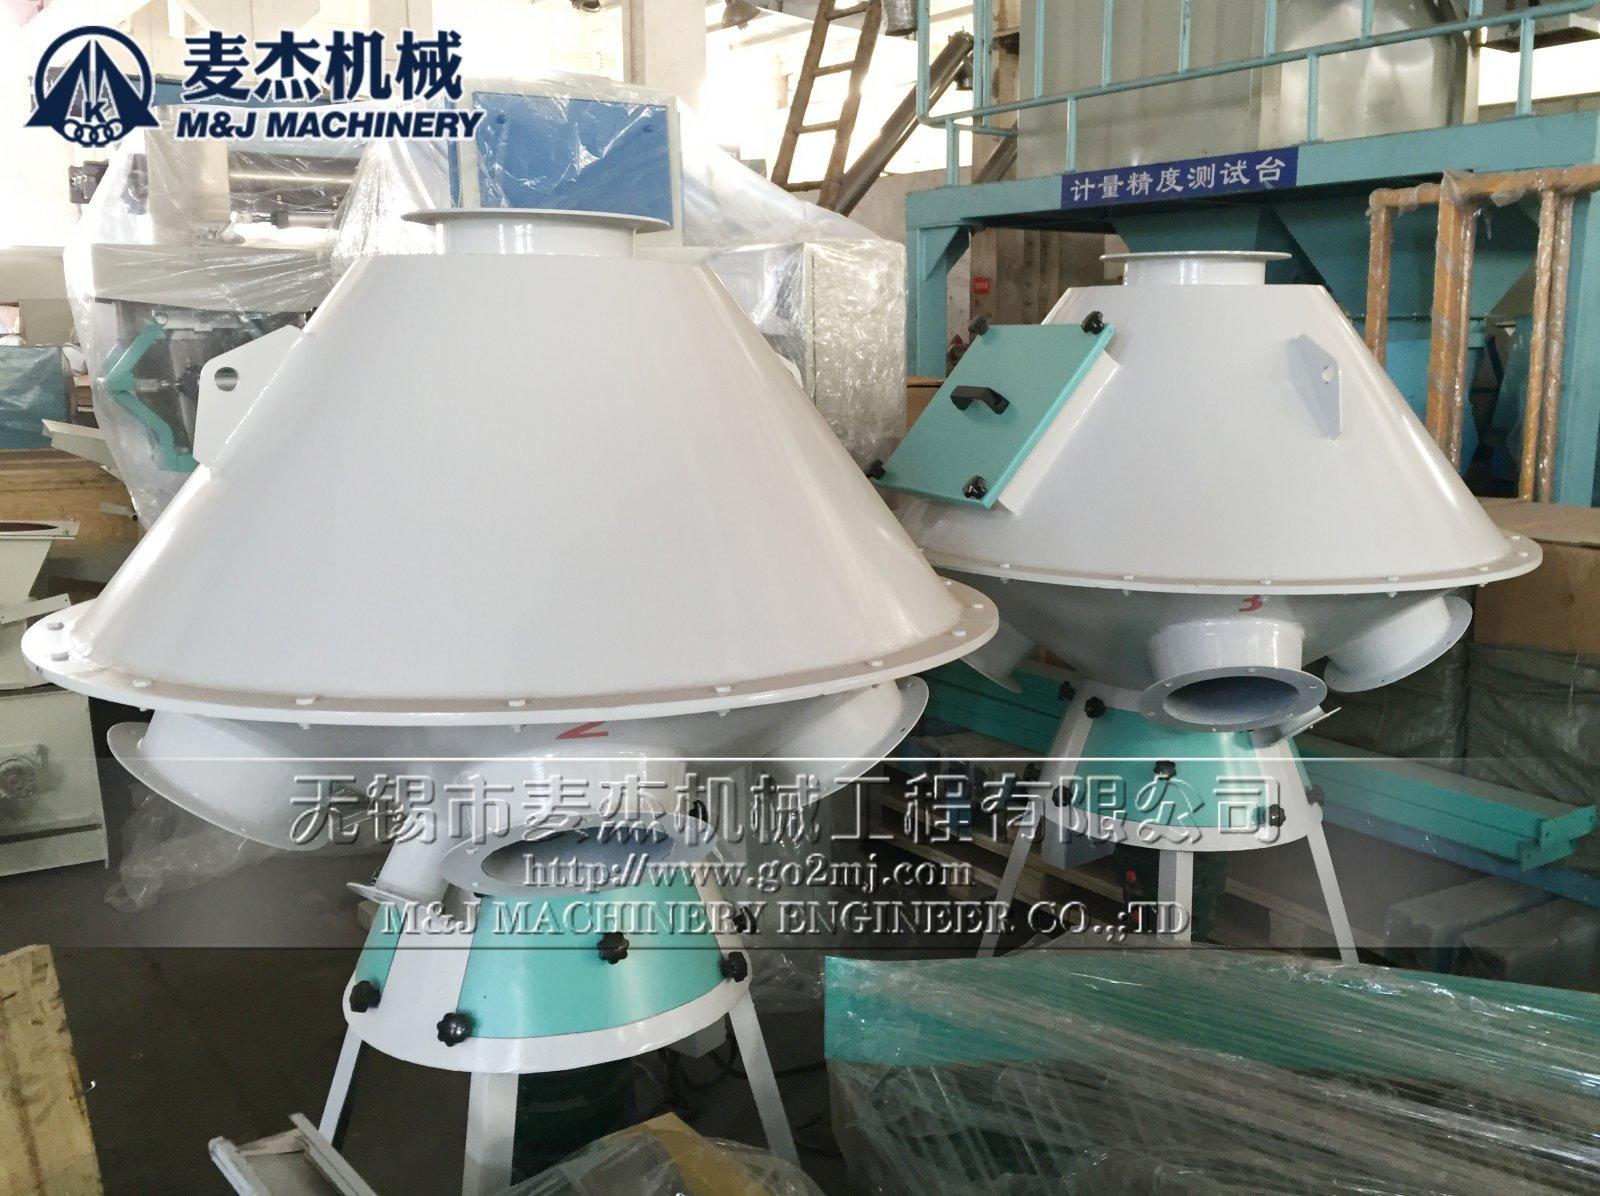 分料器;分料设备的图片